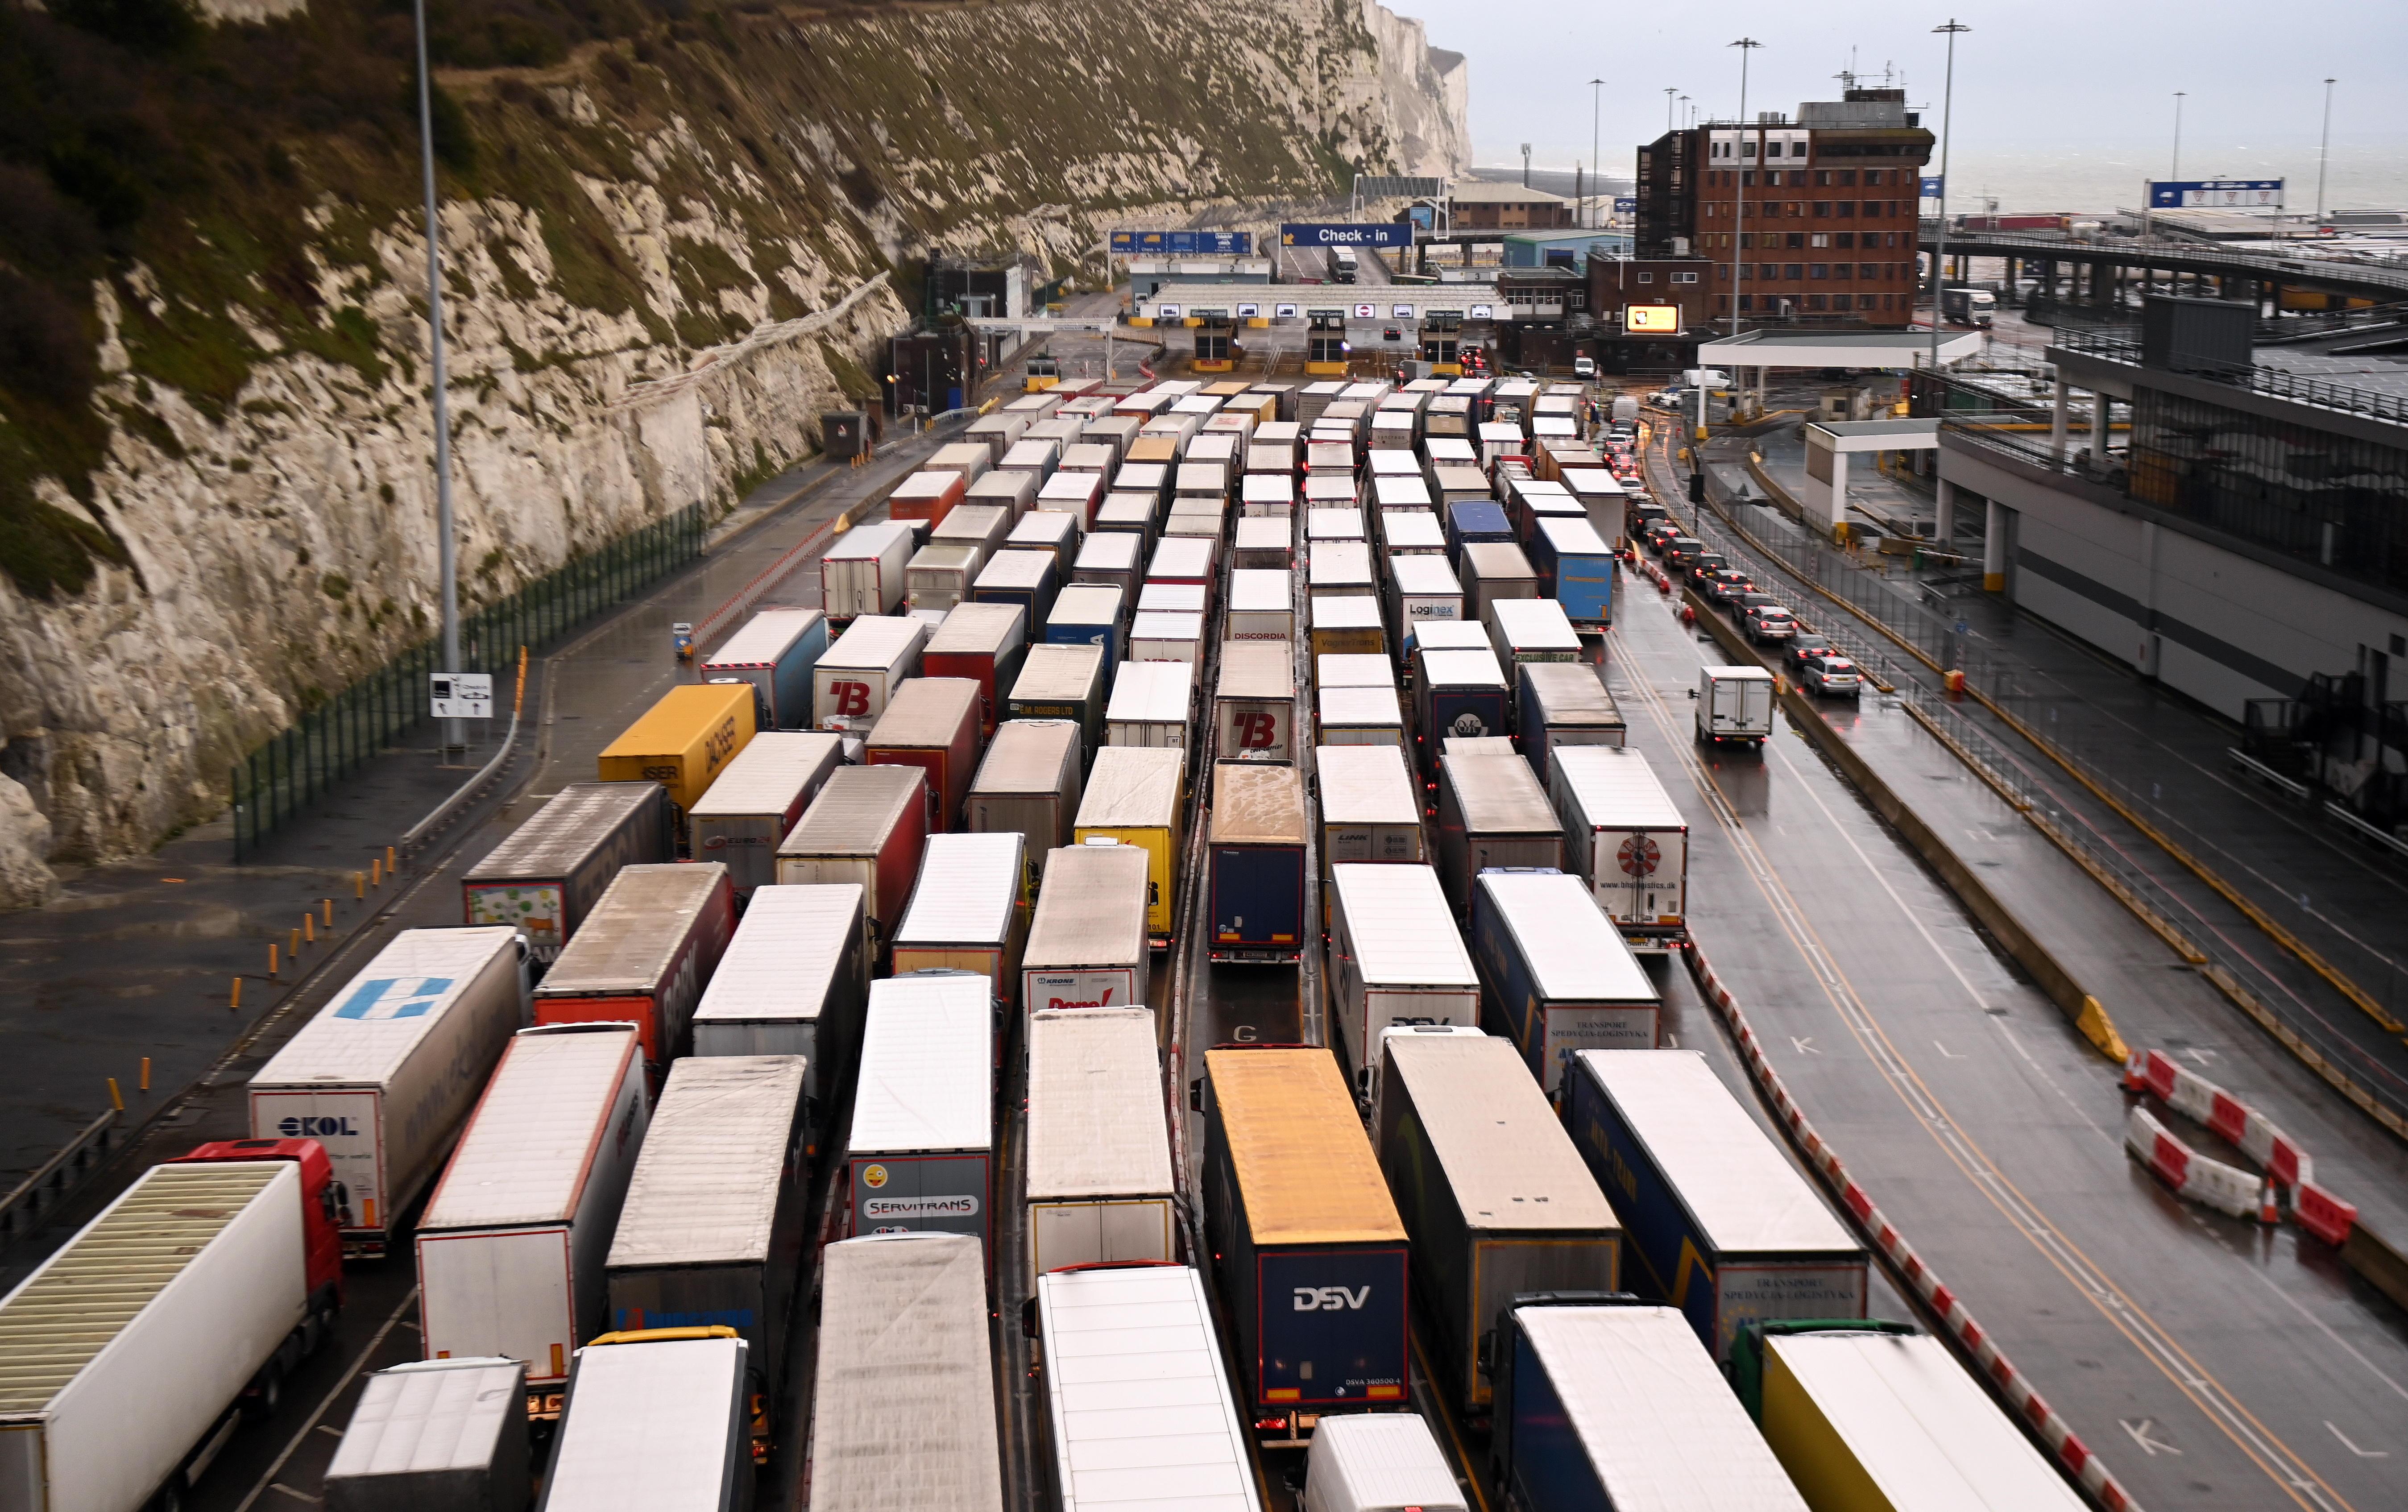 Largas colas de camiones en el puerto de Dover.